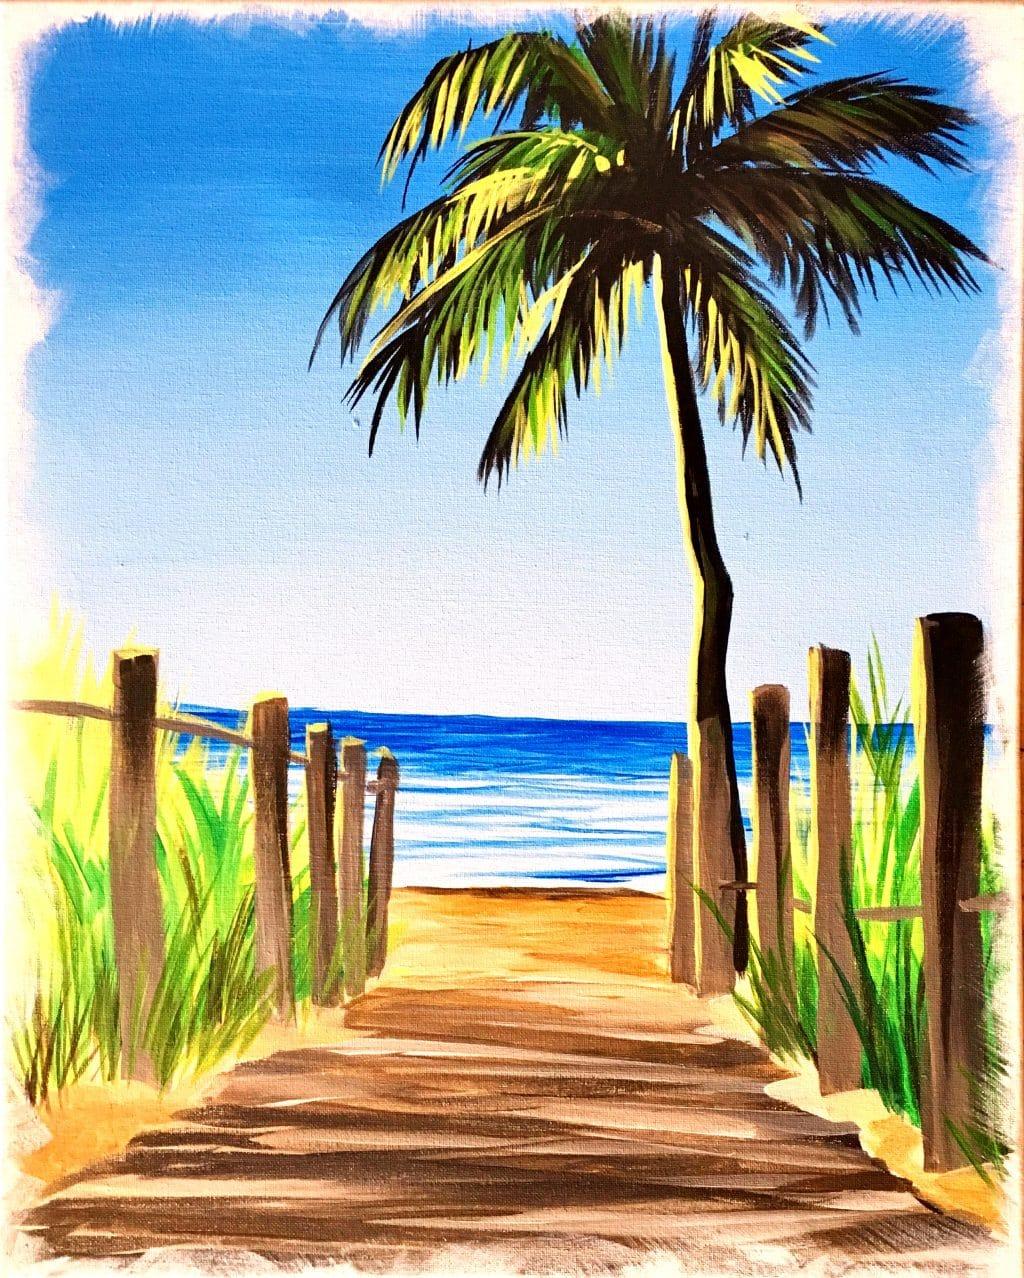 Boardwalk Palm Tree